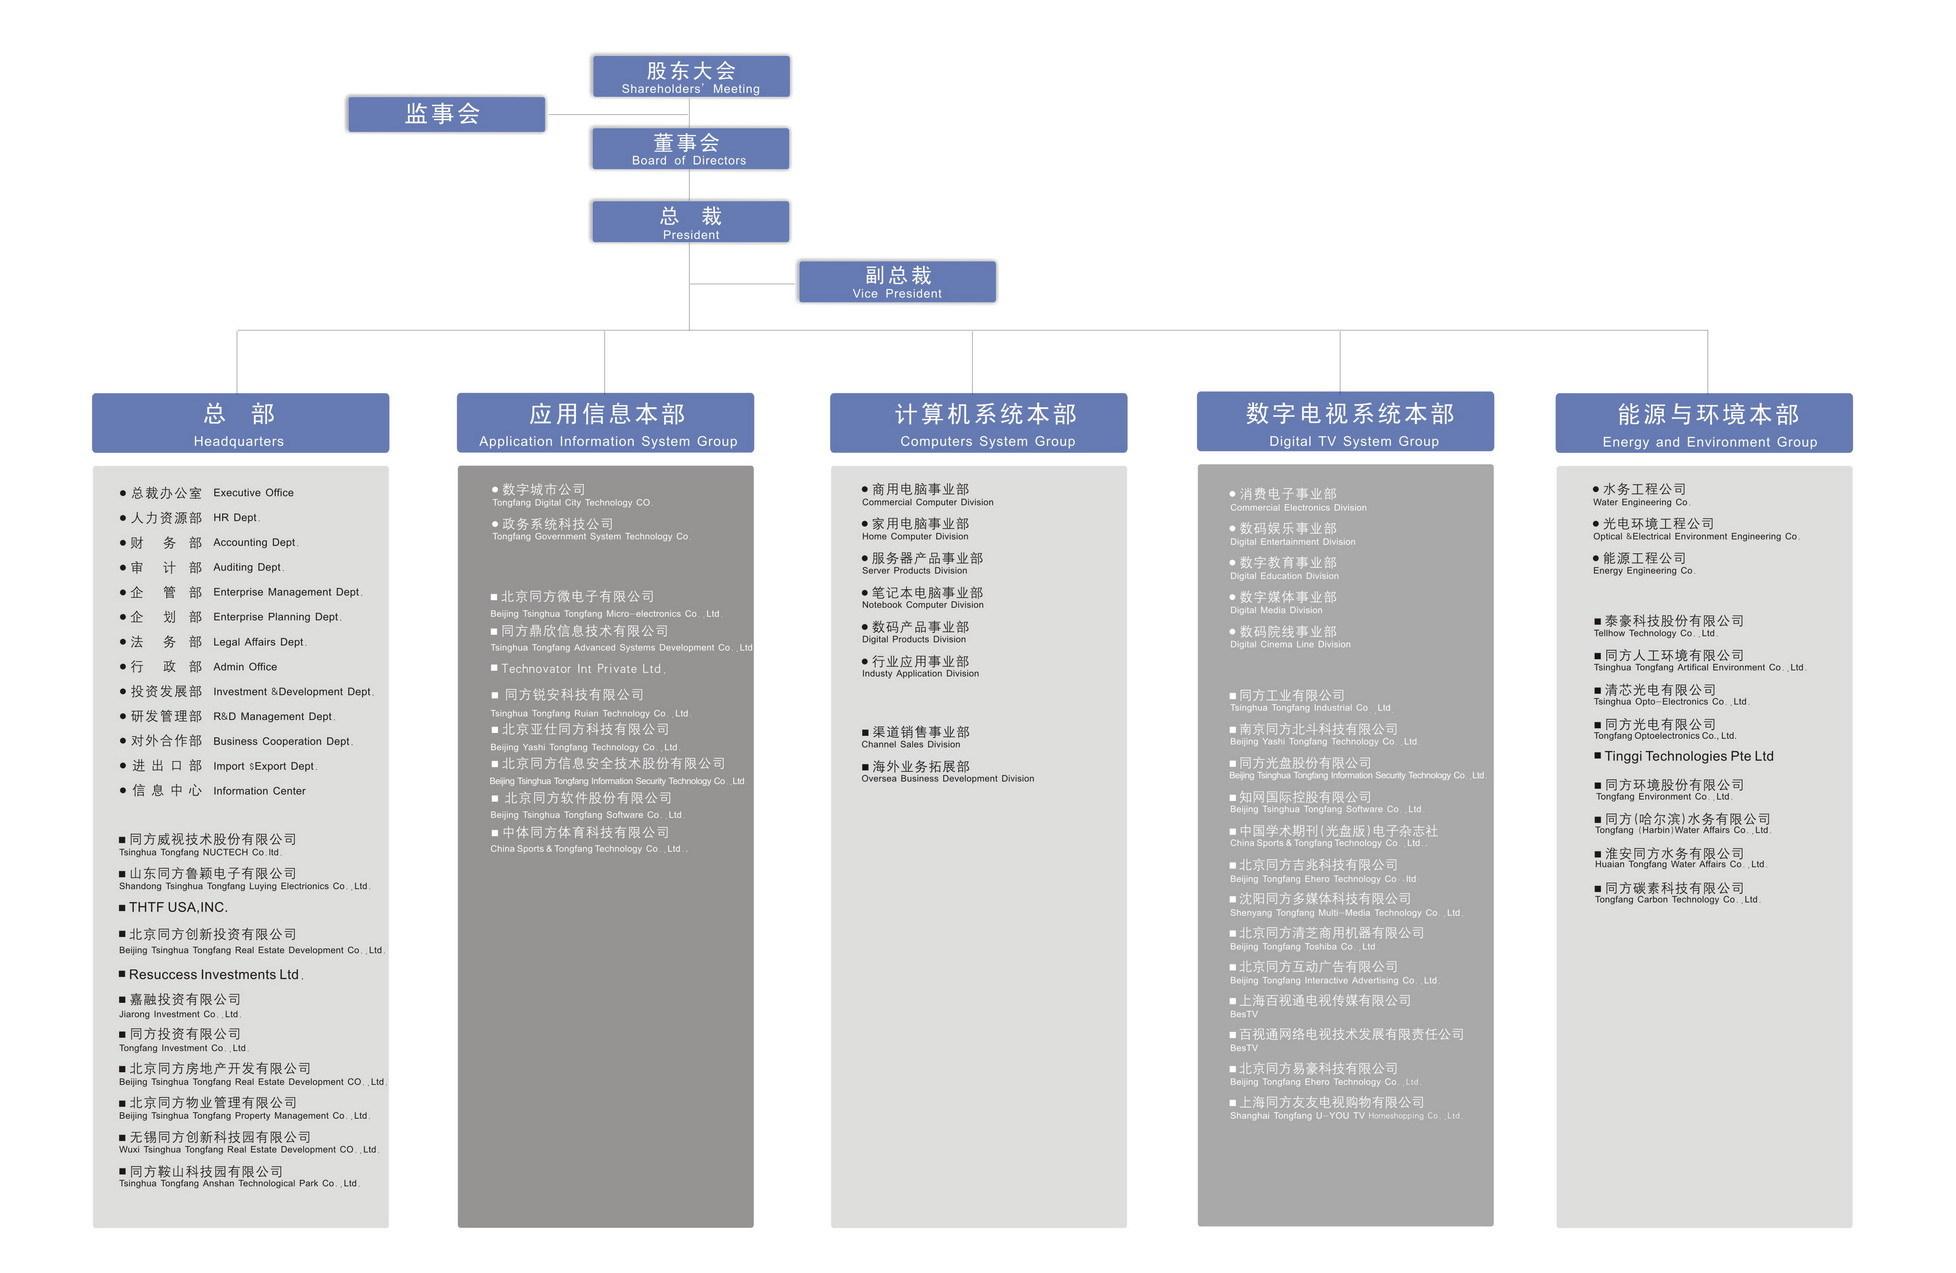 折叠 编辑本段 组织结构 折叠 编辑本段 企业文化 发展战略:技术